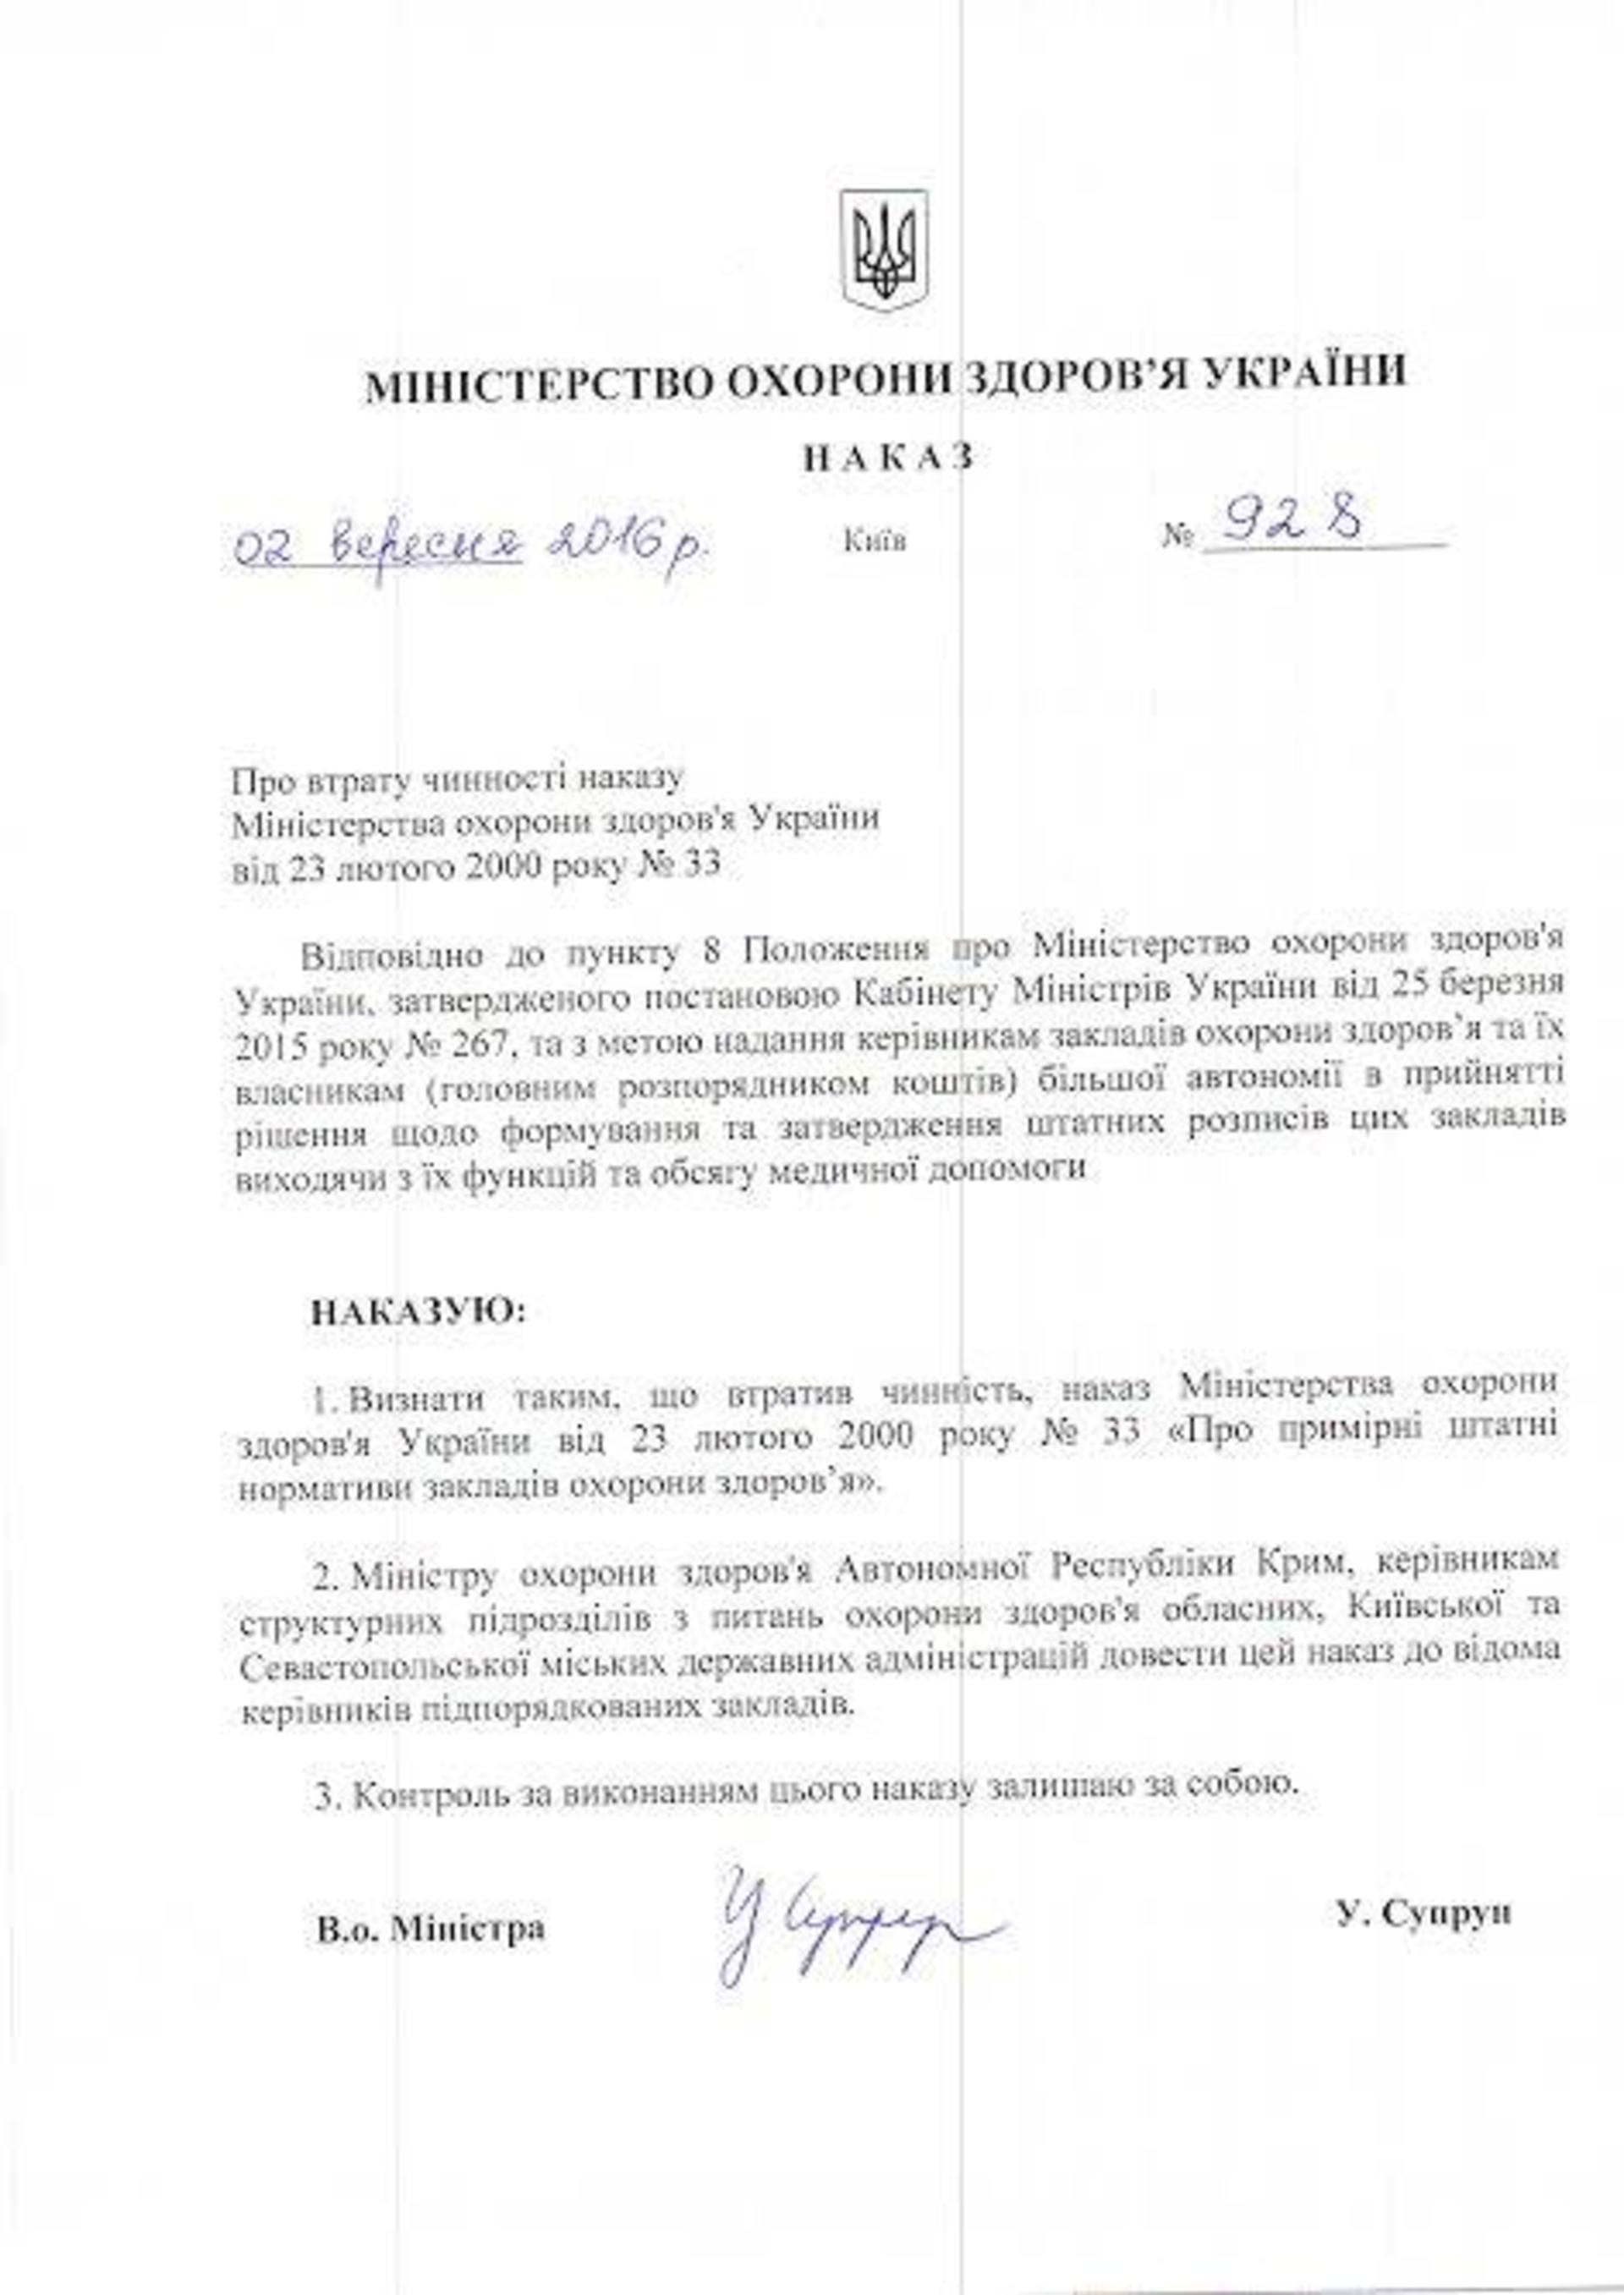 """Минздрав отменил скандальный """"приказ о койко-местах"""""""